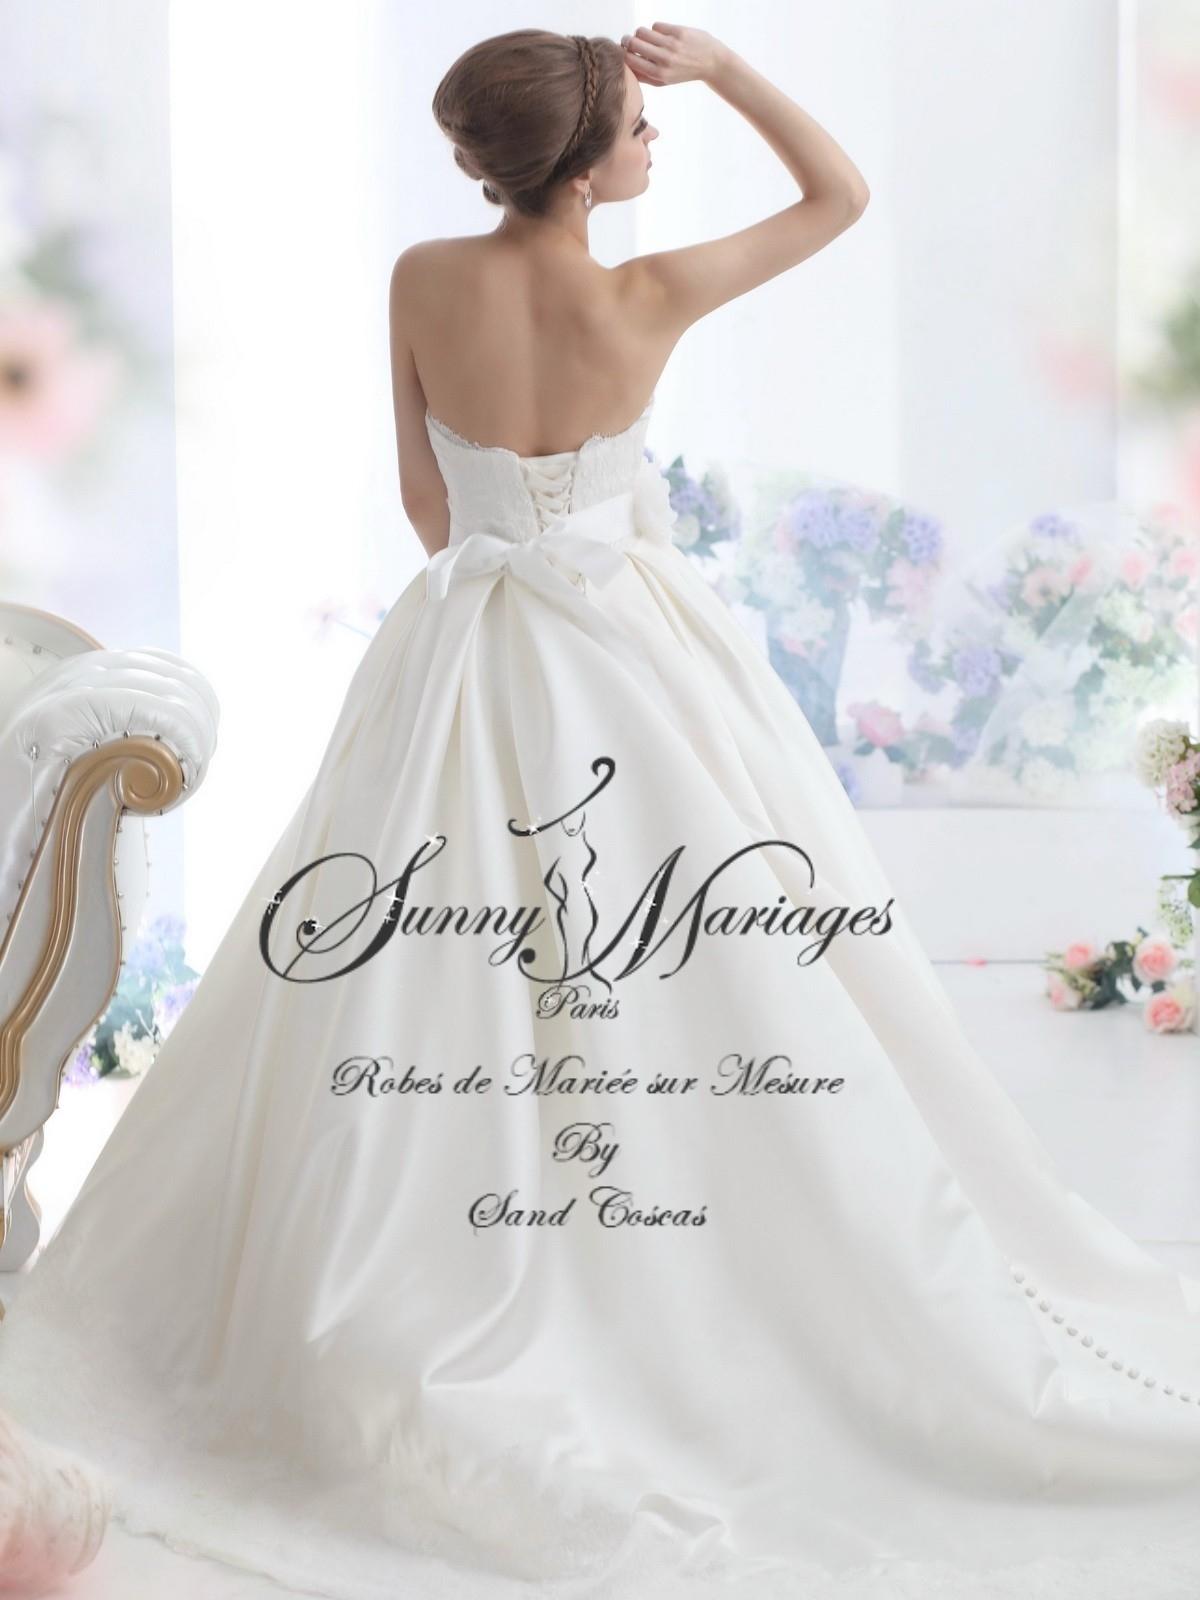 robes de mariée sur mesure petit prix Sunny Mariages Paris  Sunny ...